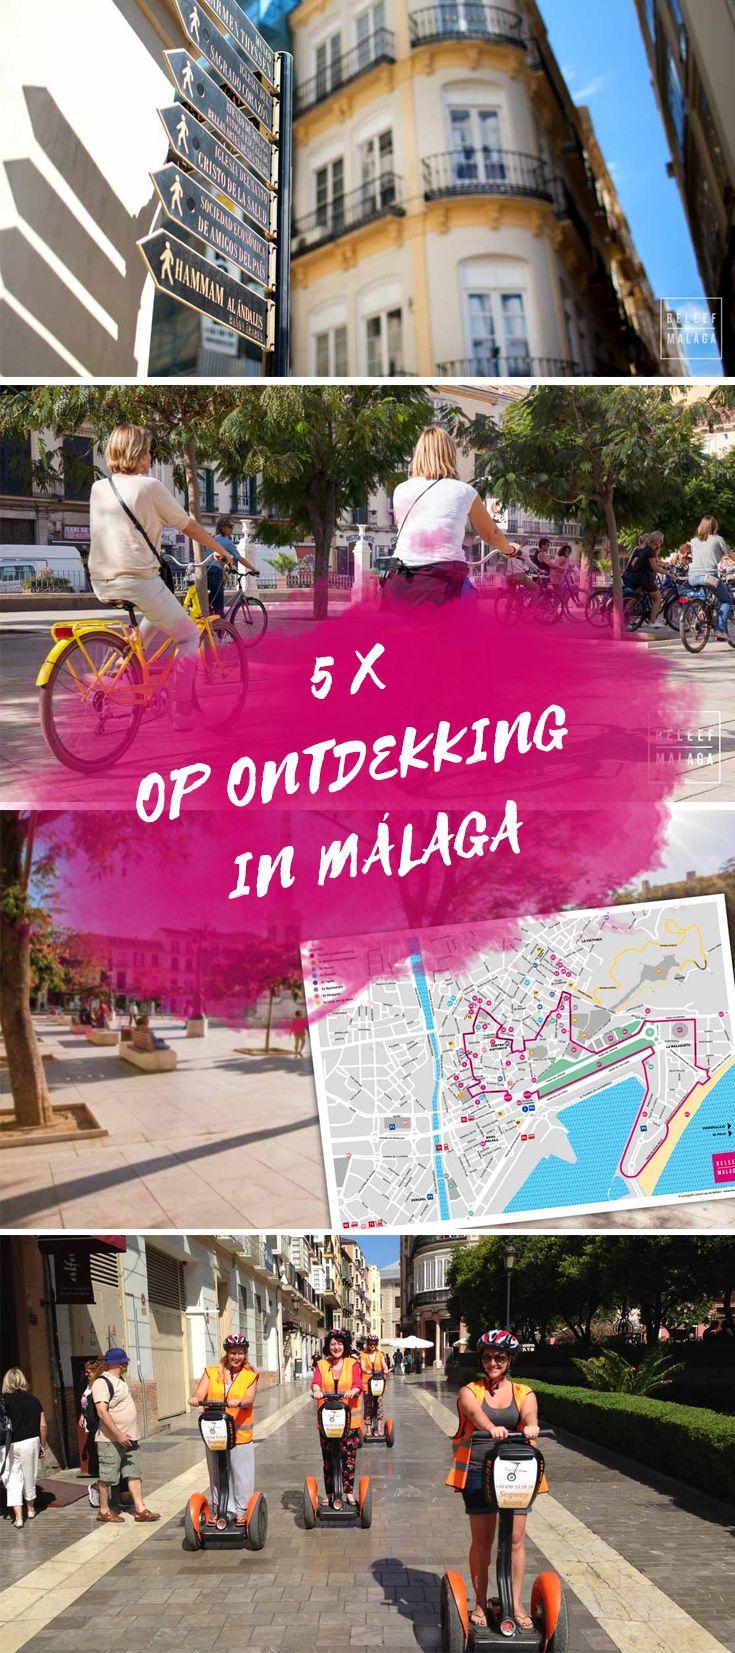 Beleef Malaga op je eigen manier. 5 leuke ideeën om meer te zien van deze mooie stad. Maak een rondleiding met een Nederlandstalige gids of ontdek Málaga in je eigen tempo. Onze stadsplattegrond is dan ideaal.